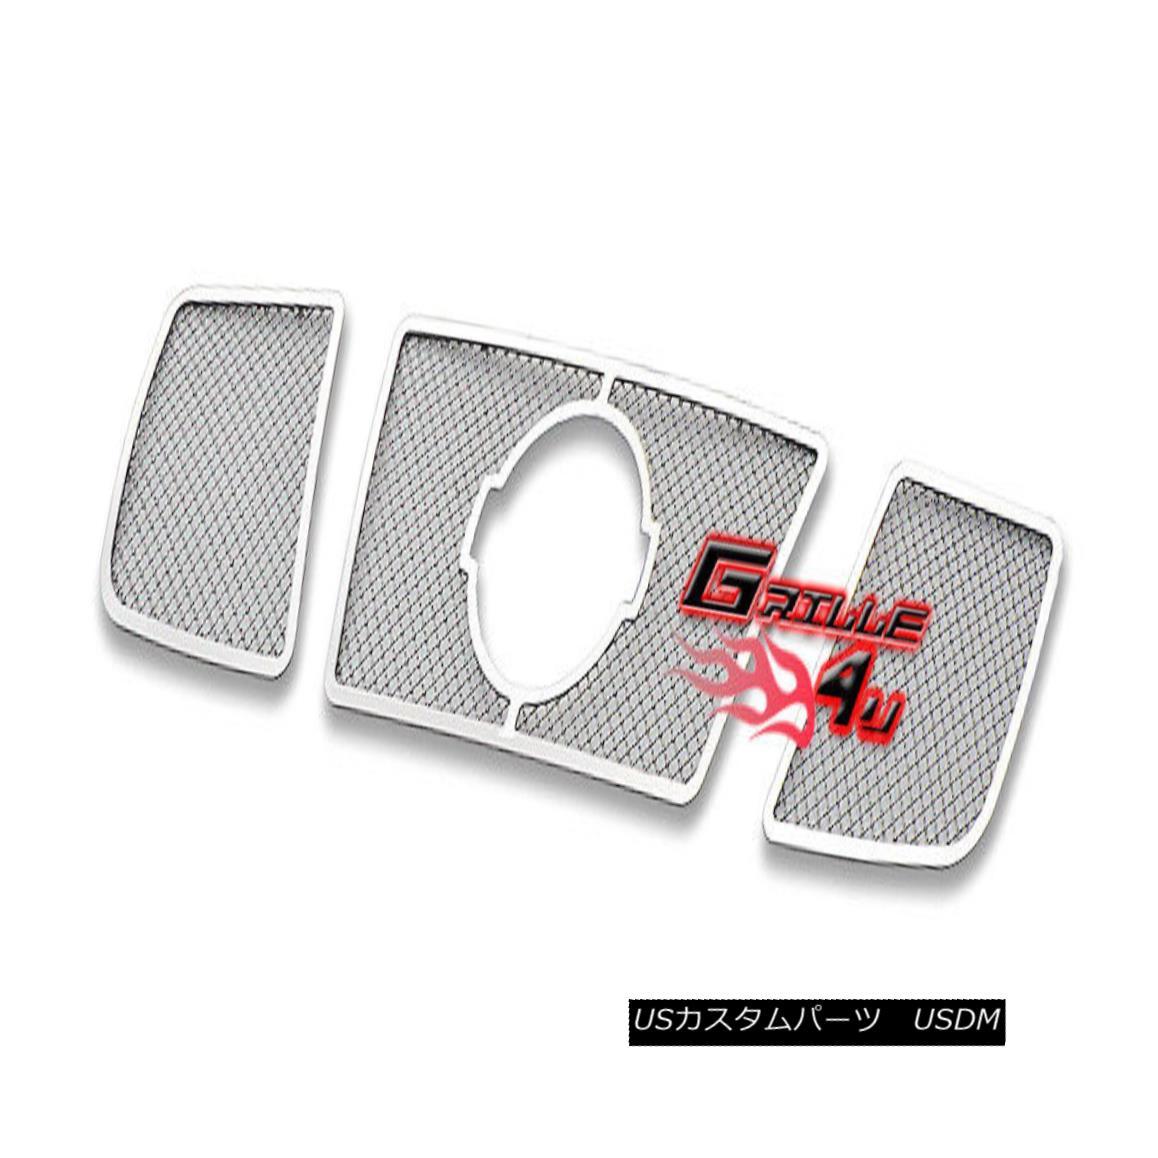 グリル For 04-07 Nissan Titan/Armada Stainless Steel Mesh Premium Grille 04-07日産タイタン/アルマダステンレスメッシュプレミアムグリル